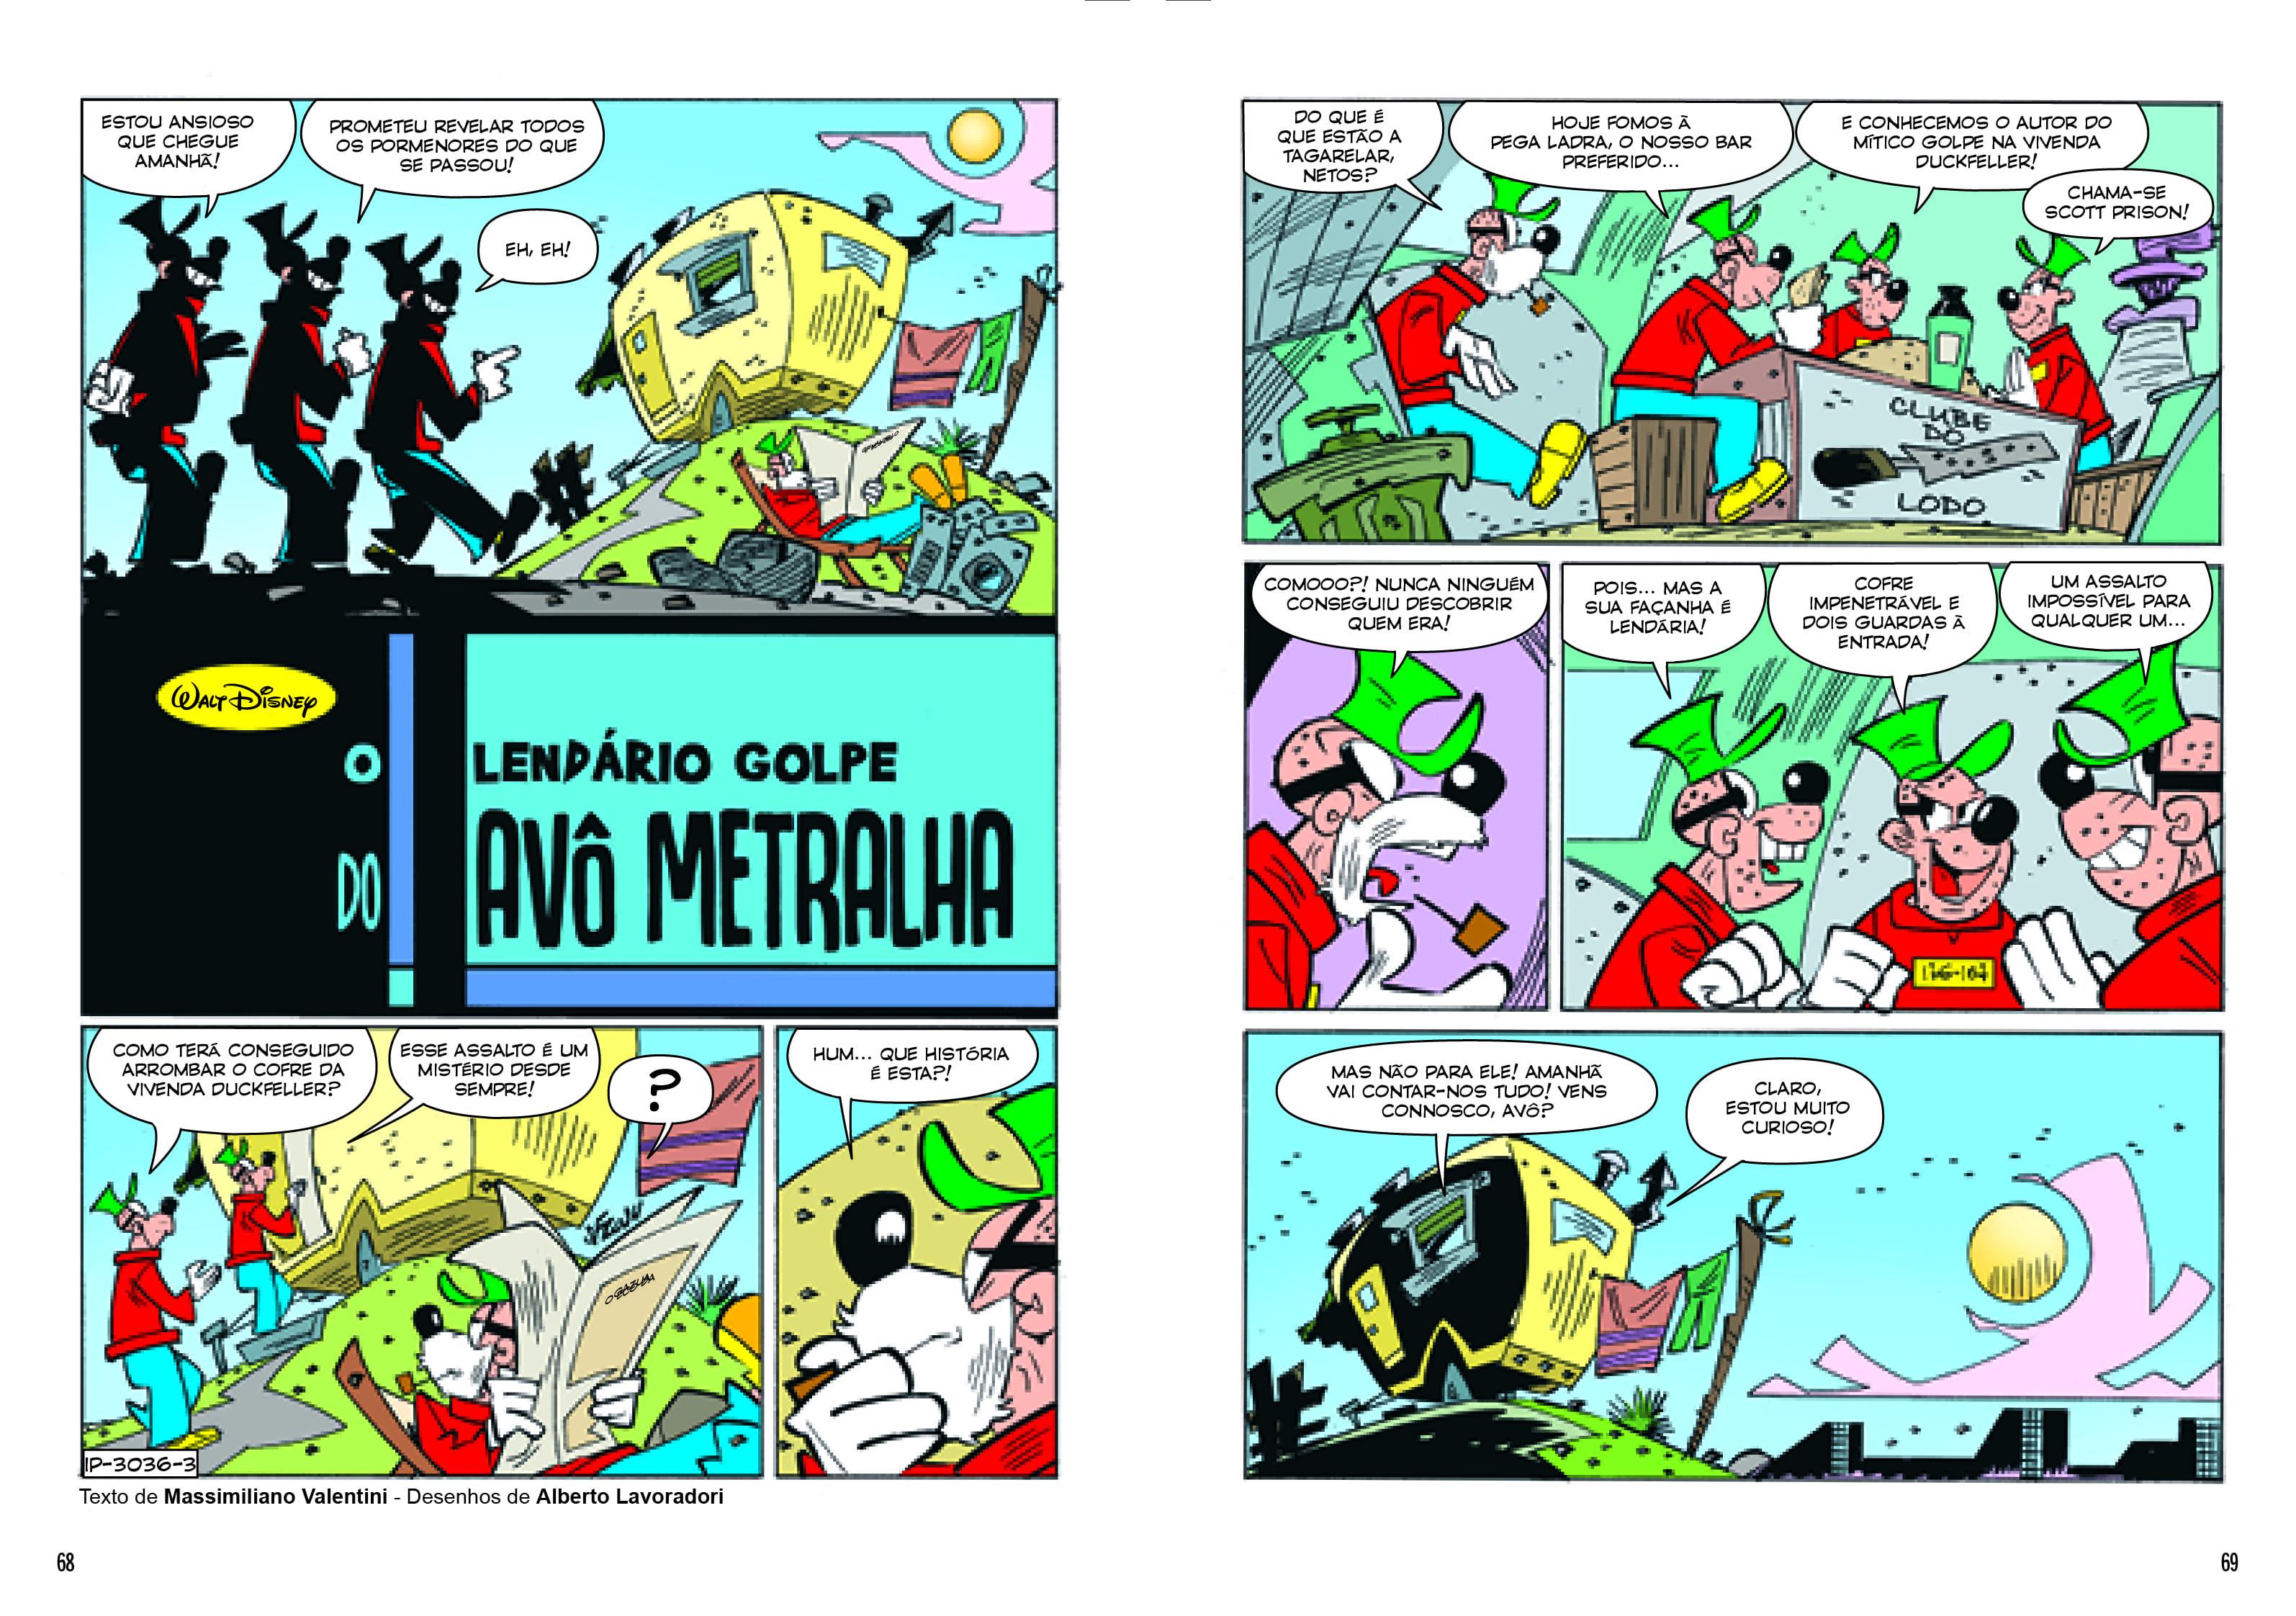 Patinhas 8 O LENDÁRIO GOLPE DO AVÔ METRALHA